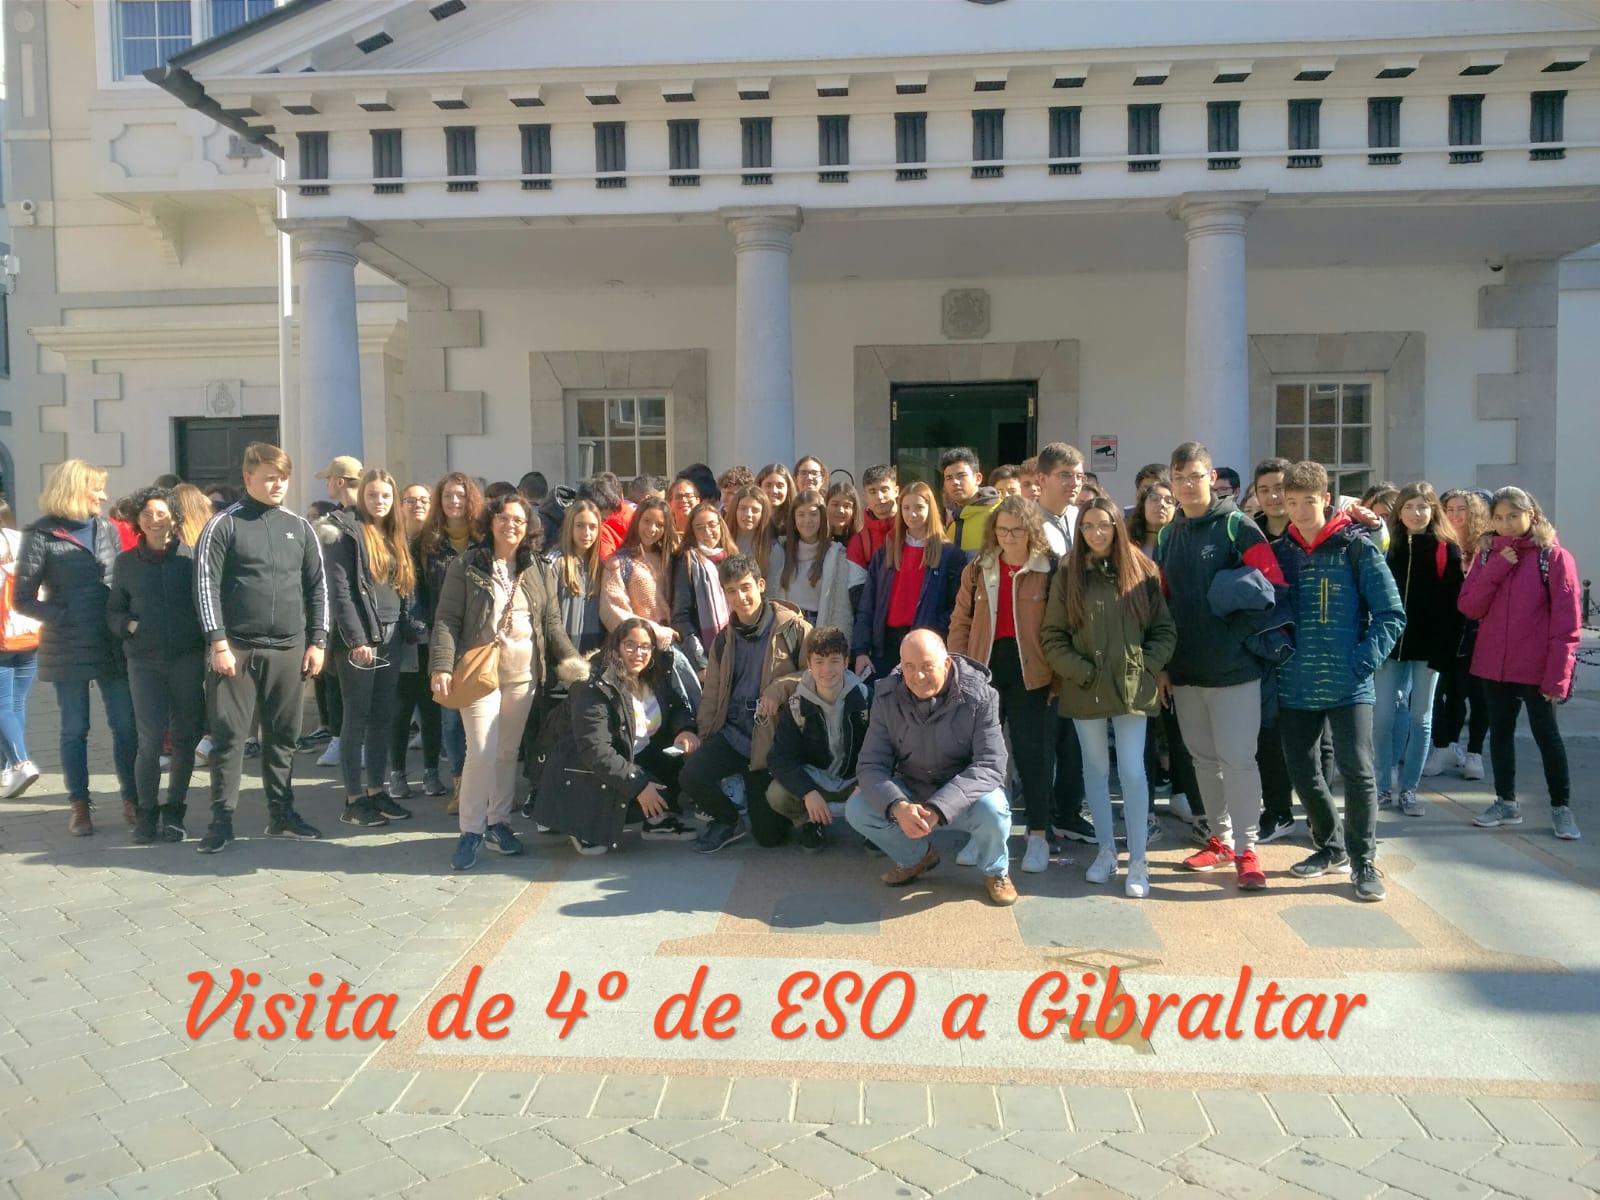 Imagen de la noticia: Visita a Gibraltar